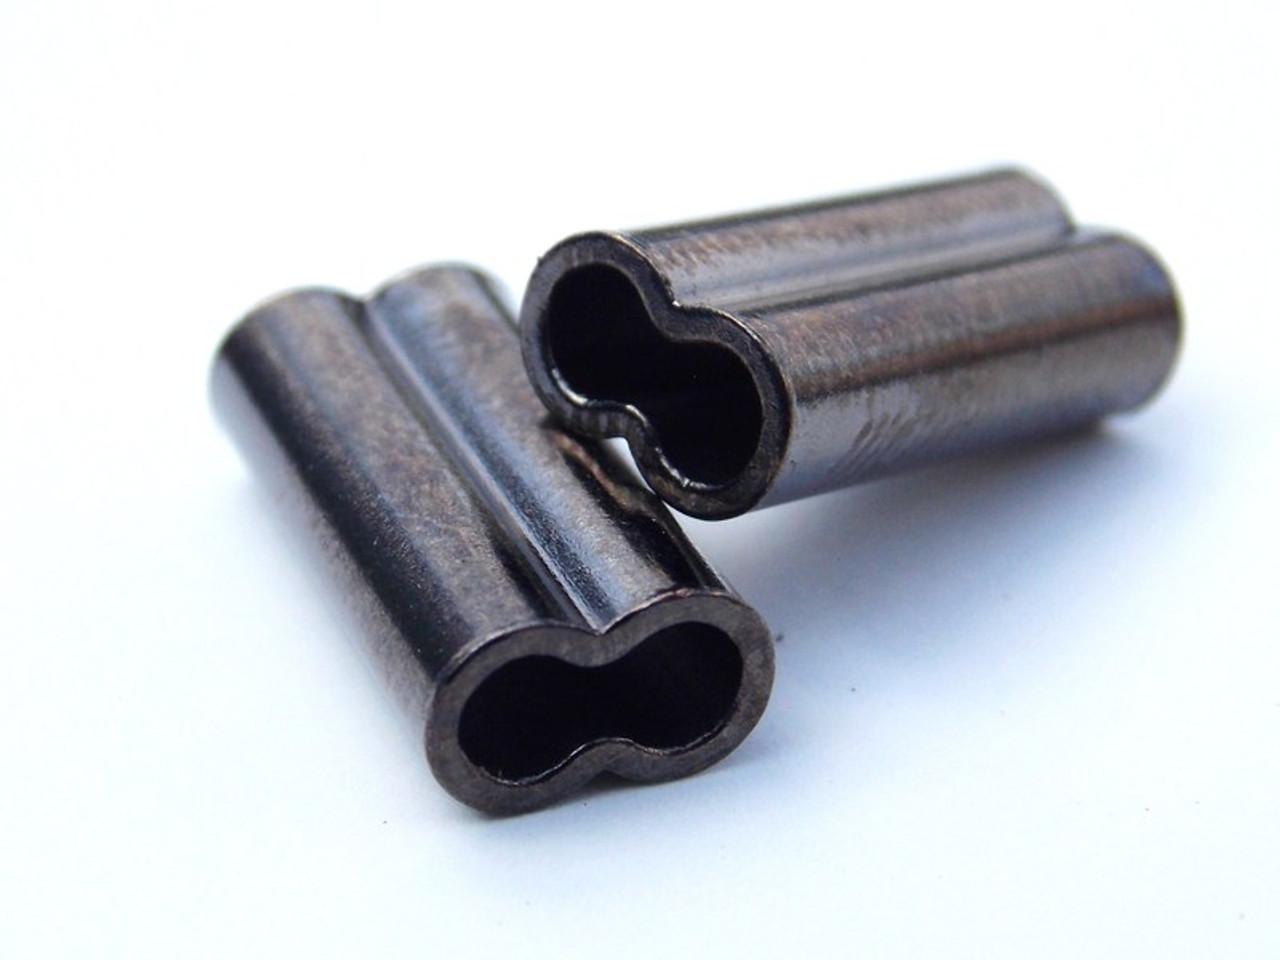 50pcs Double Barrel Copper Crimp Sleeves Cravets de Pêche Durable Multifonction